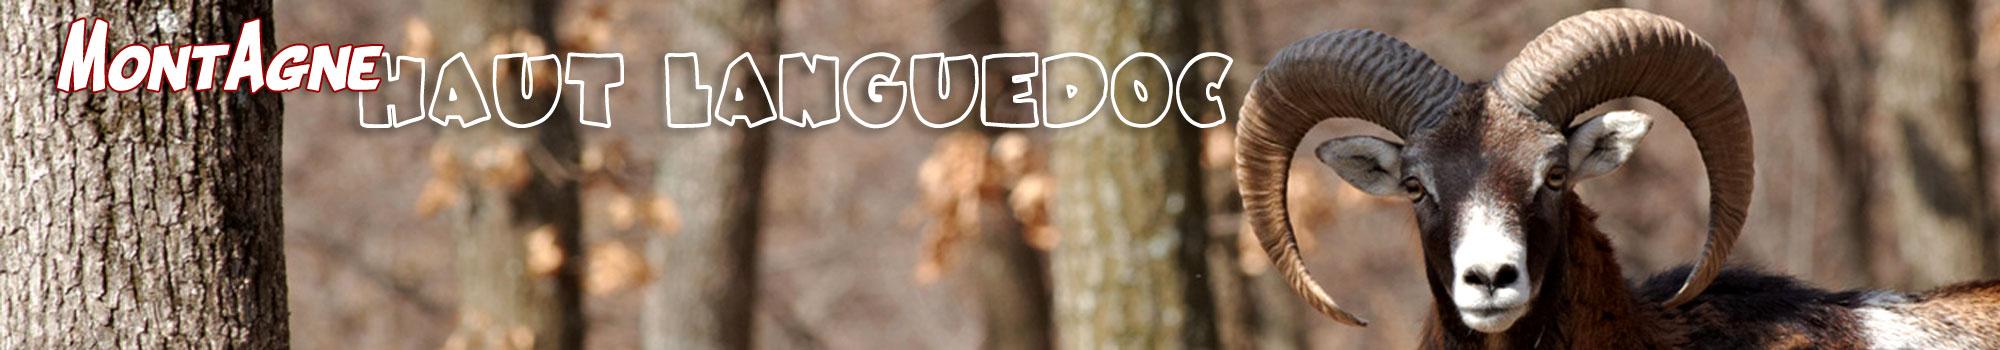 montagne Haut Languedoc. Le mouflon